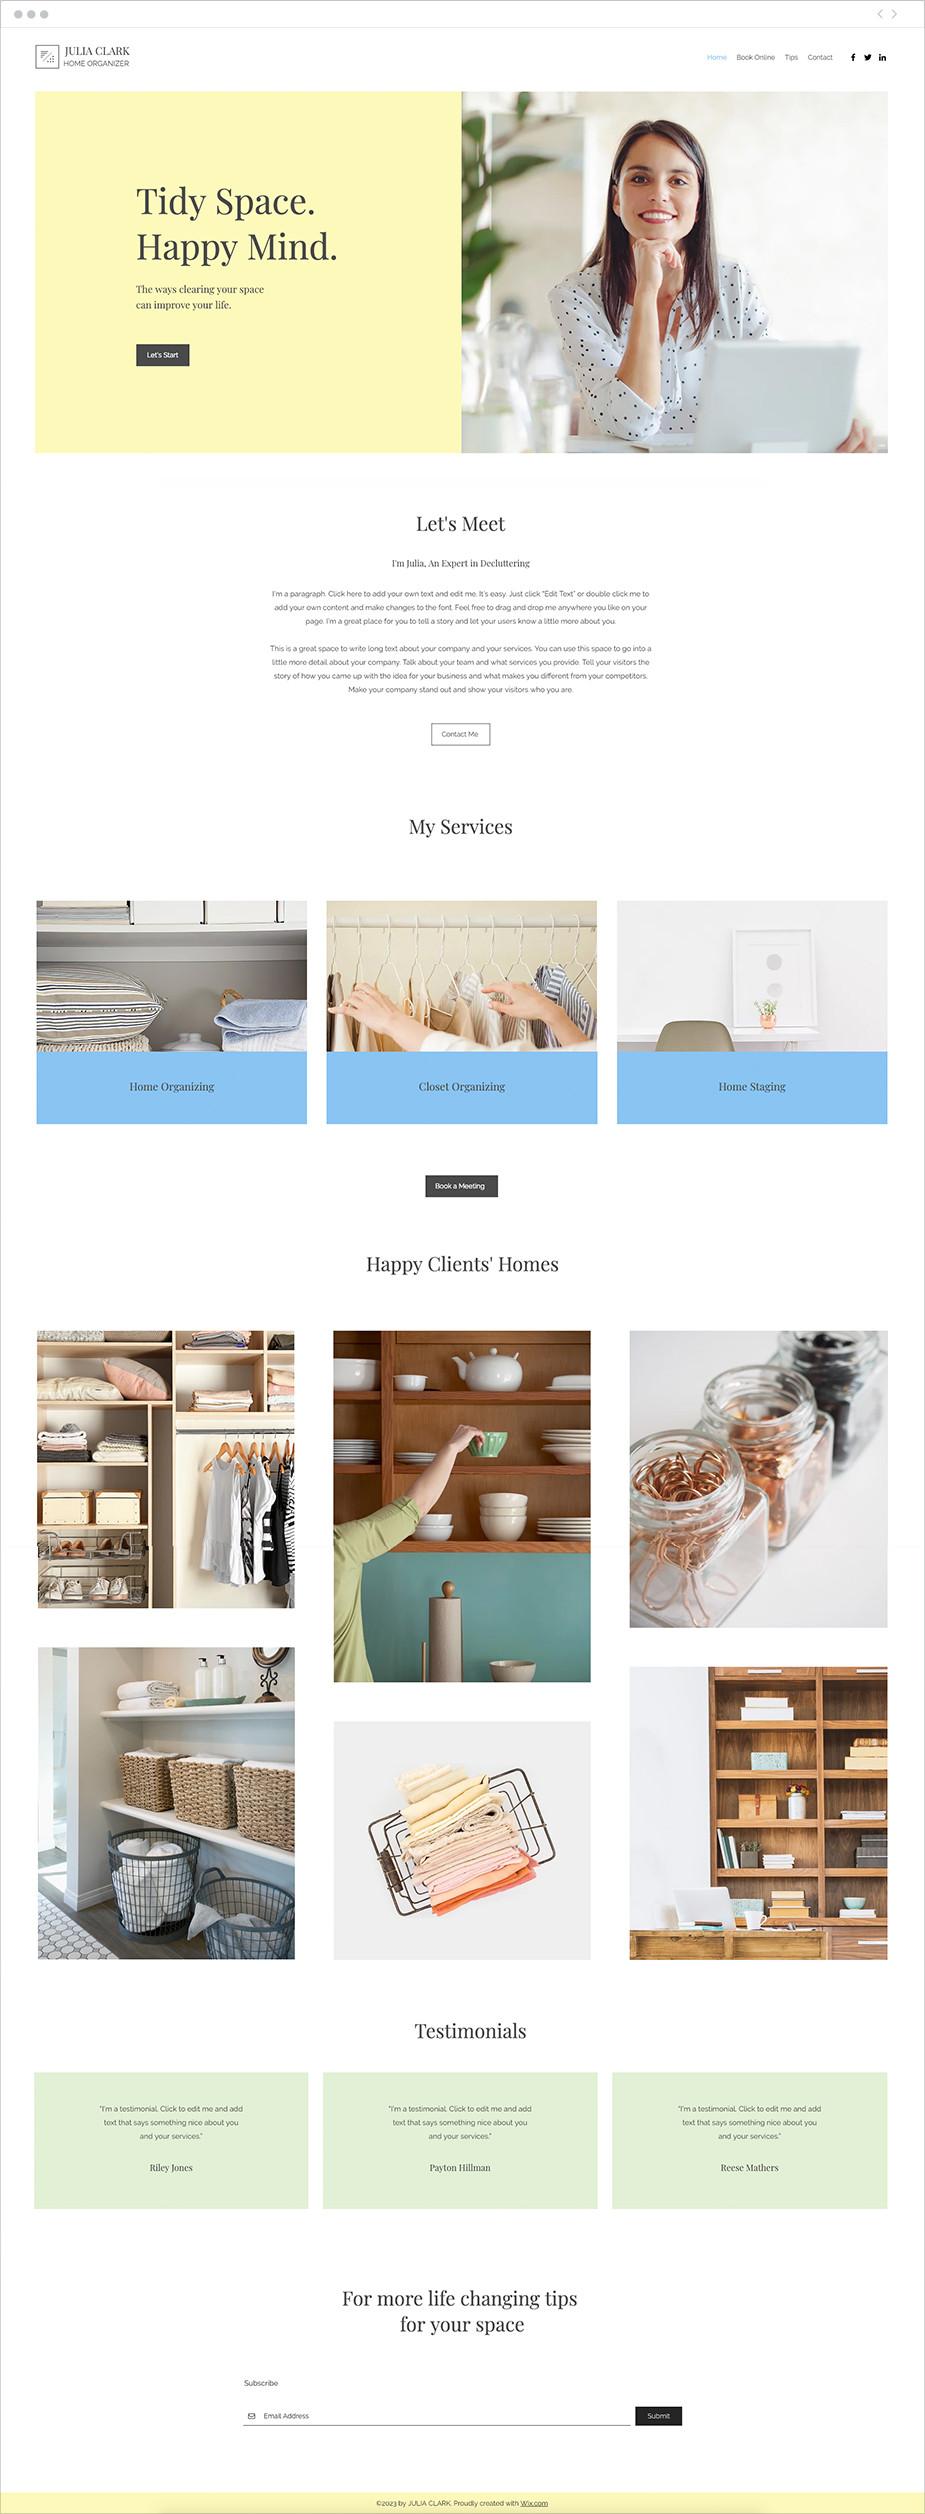 Plantilla web para organizadores de hogar